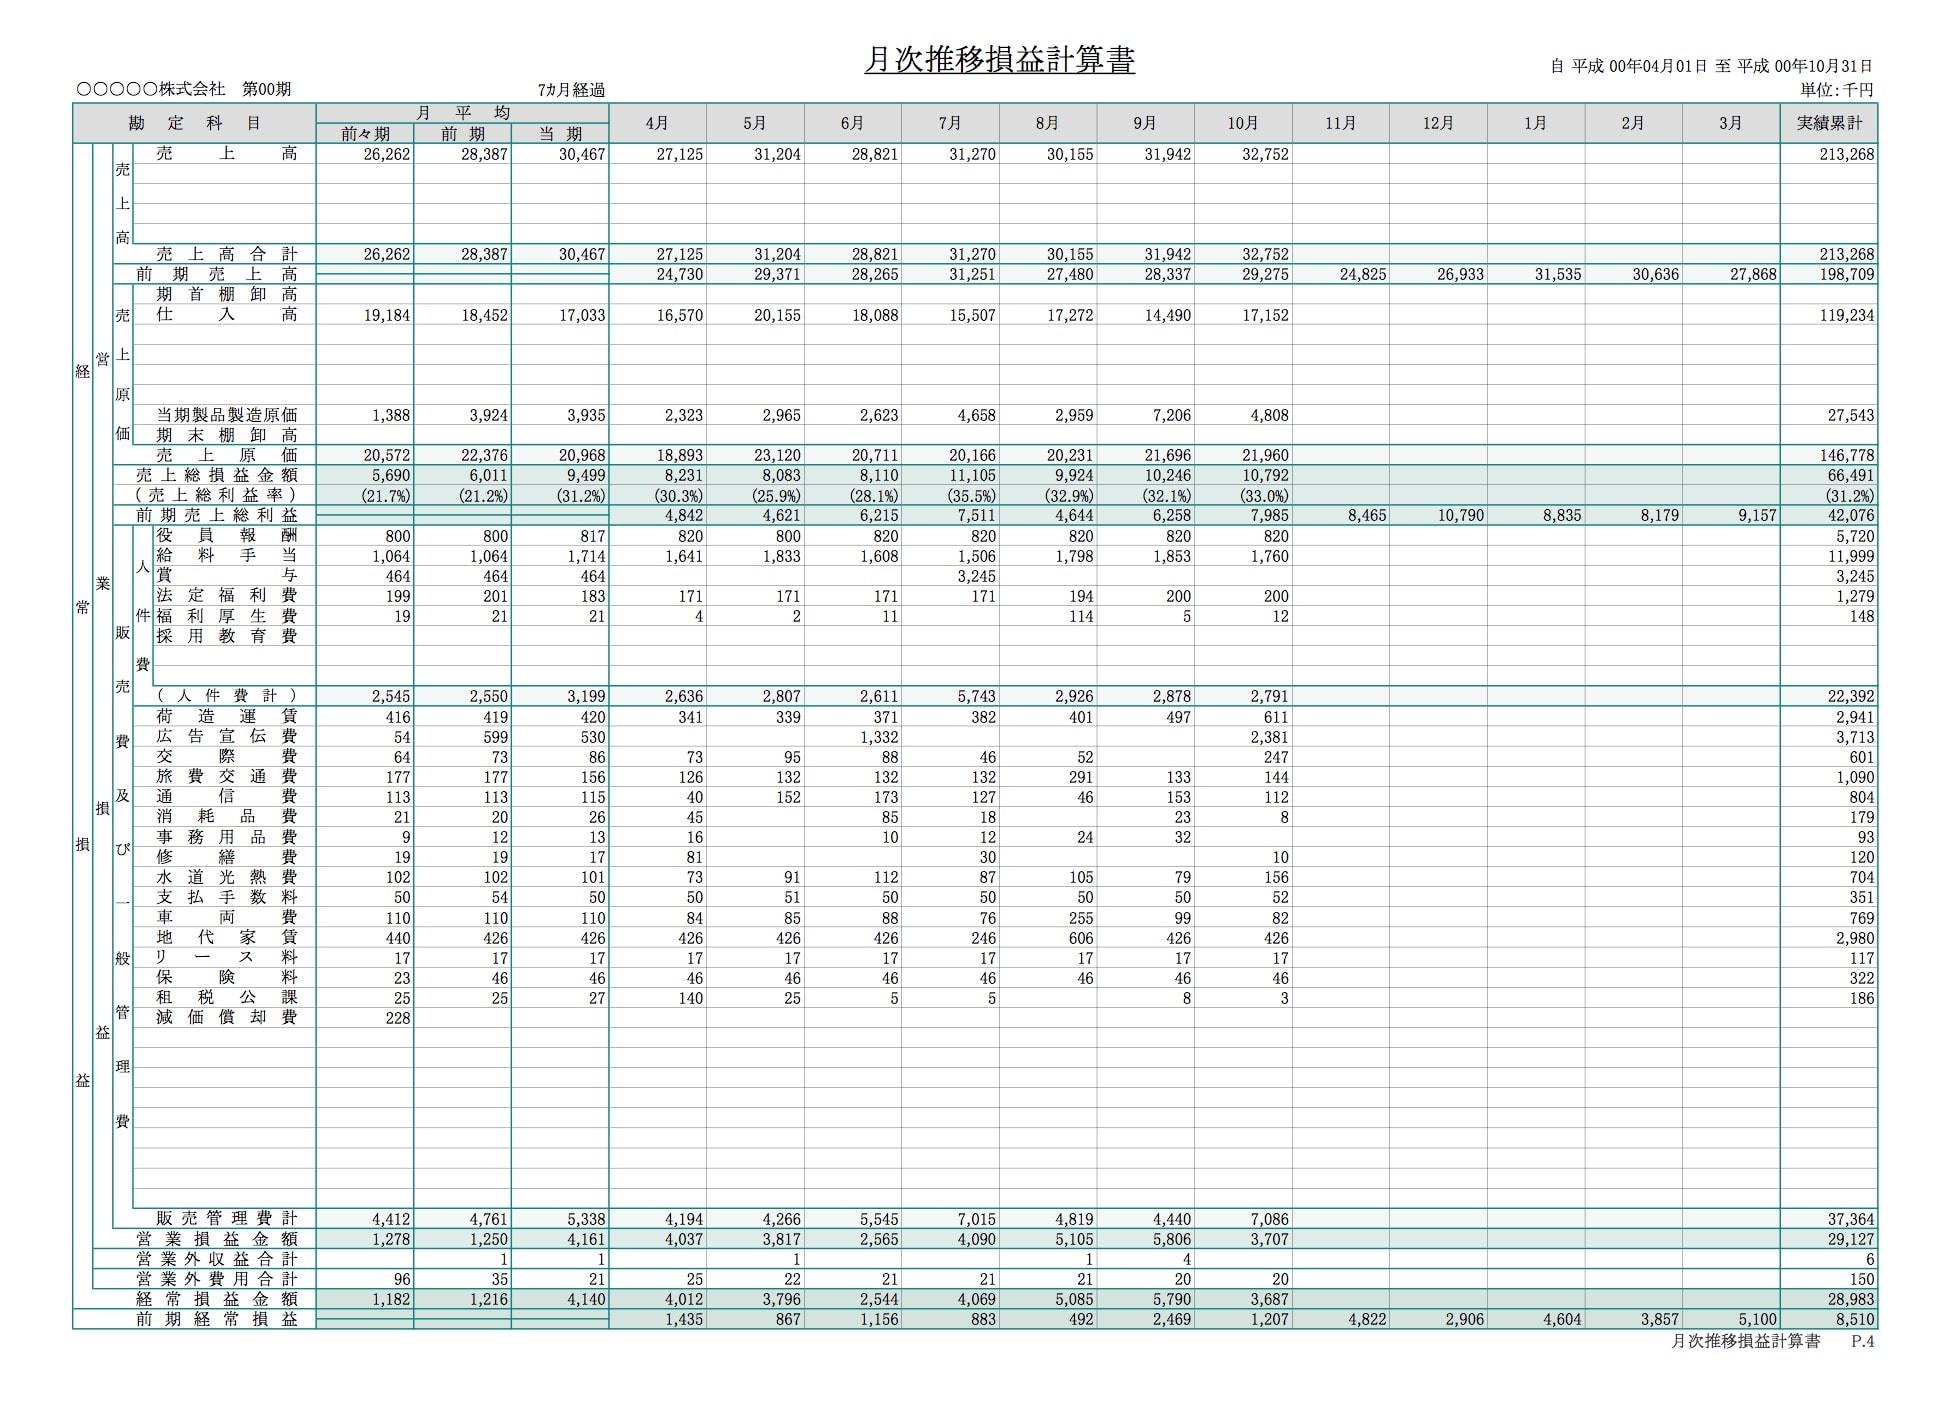 経営分析資料-1見本(PDF)